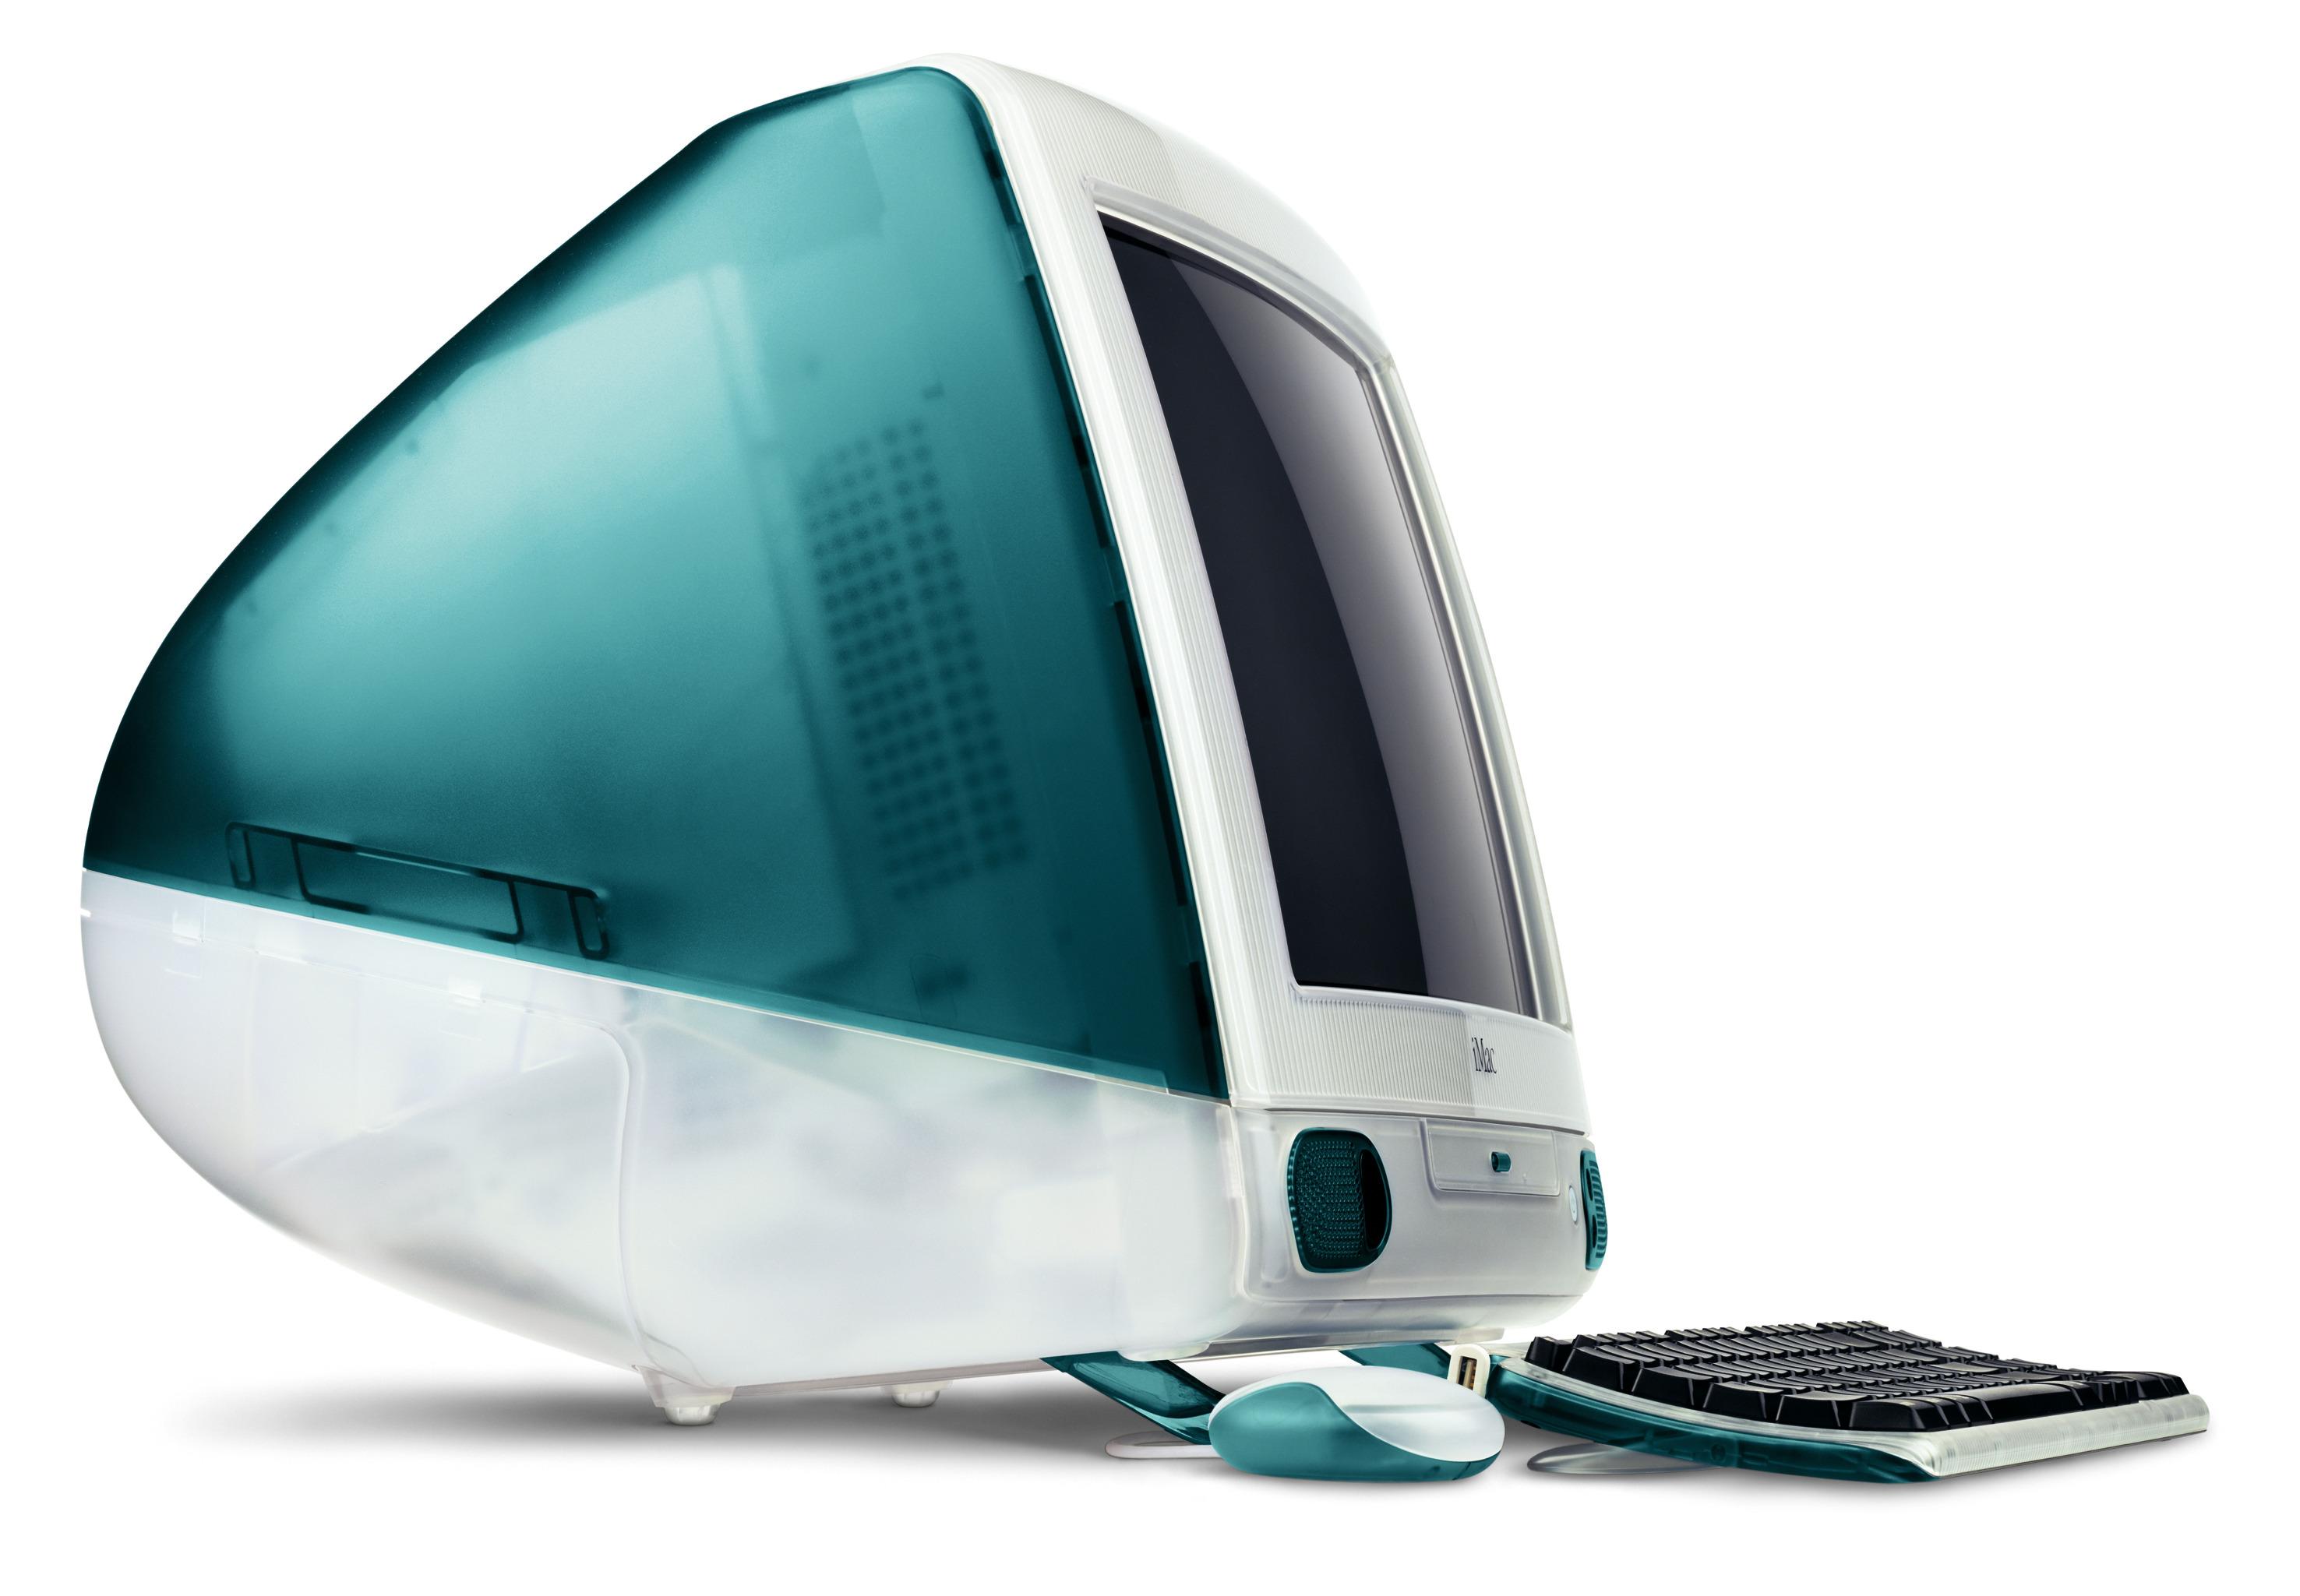 애플, 군더더기 하나 없는 미니멀리즘의 미학.